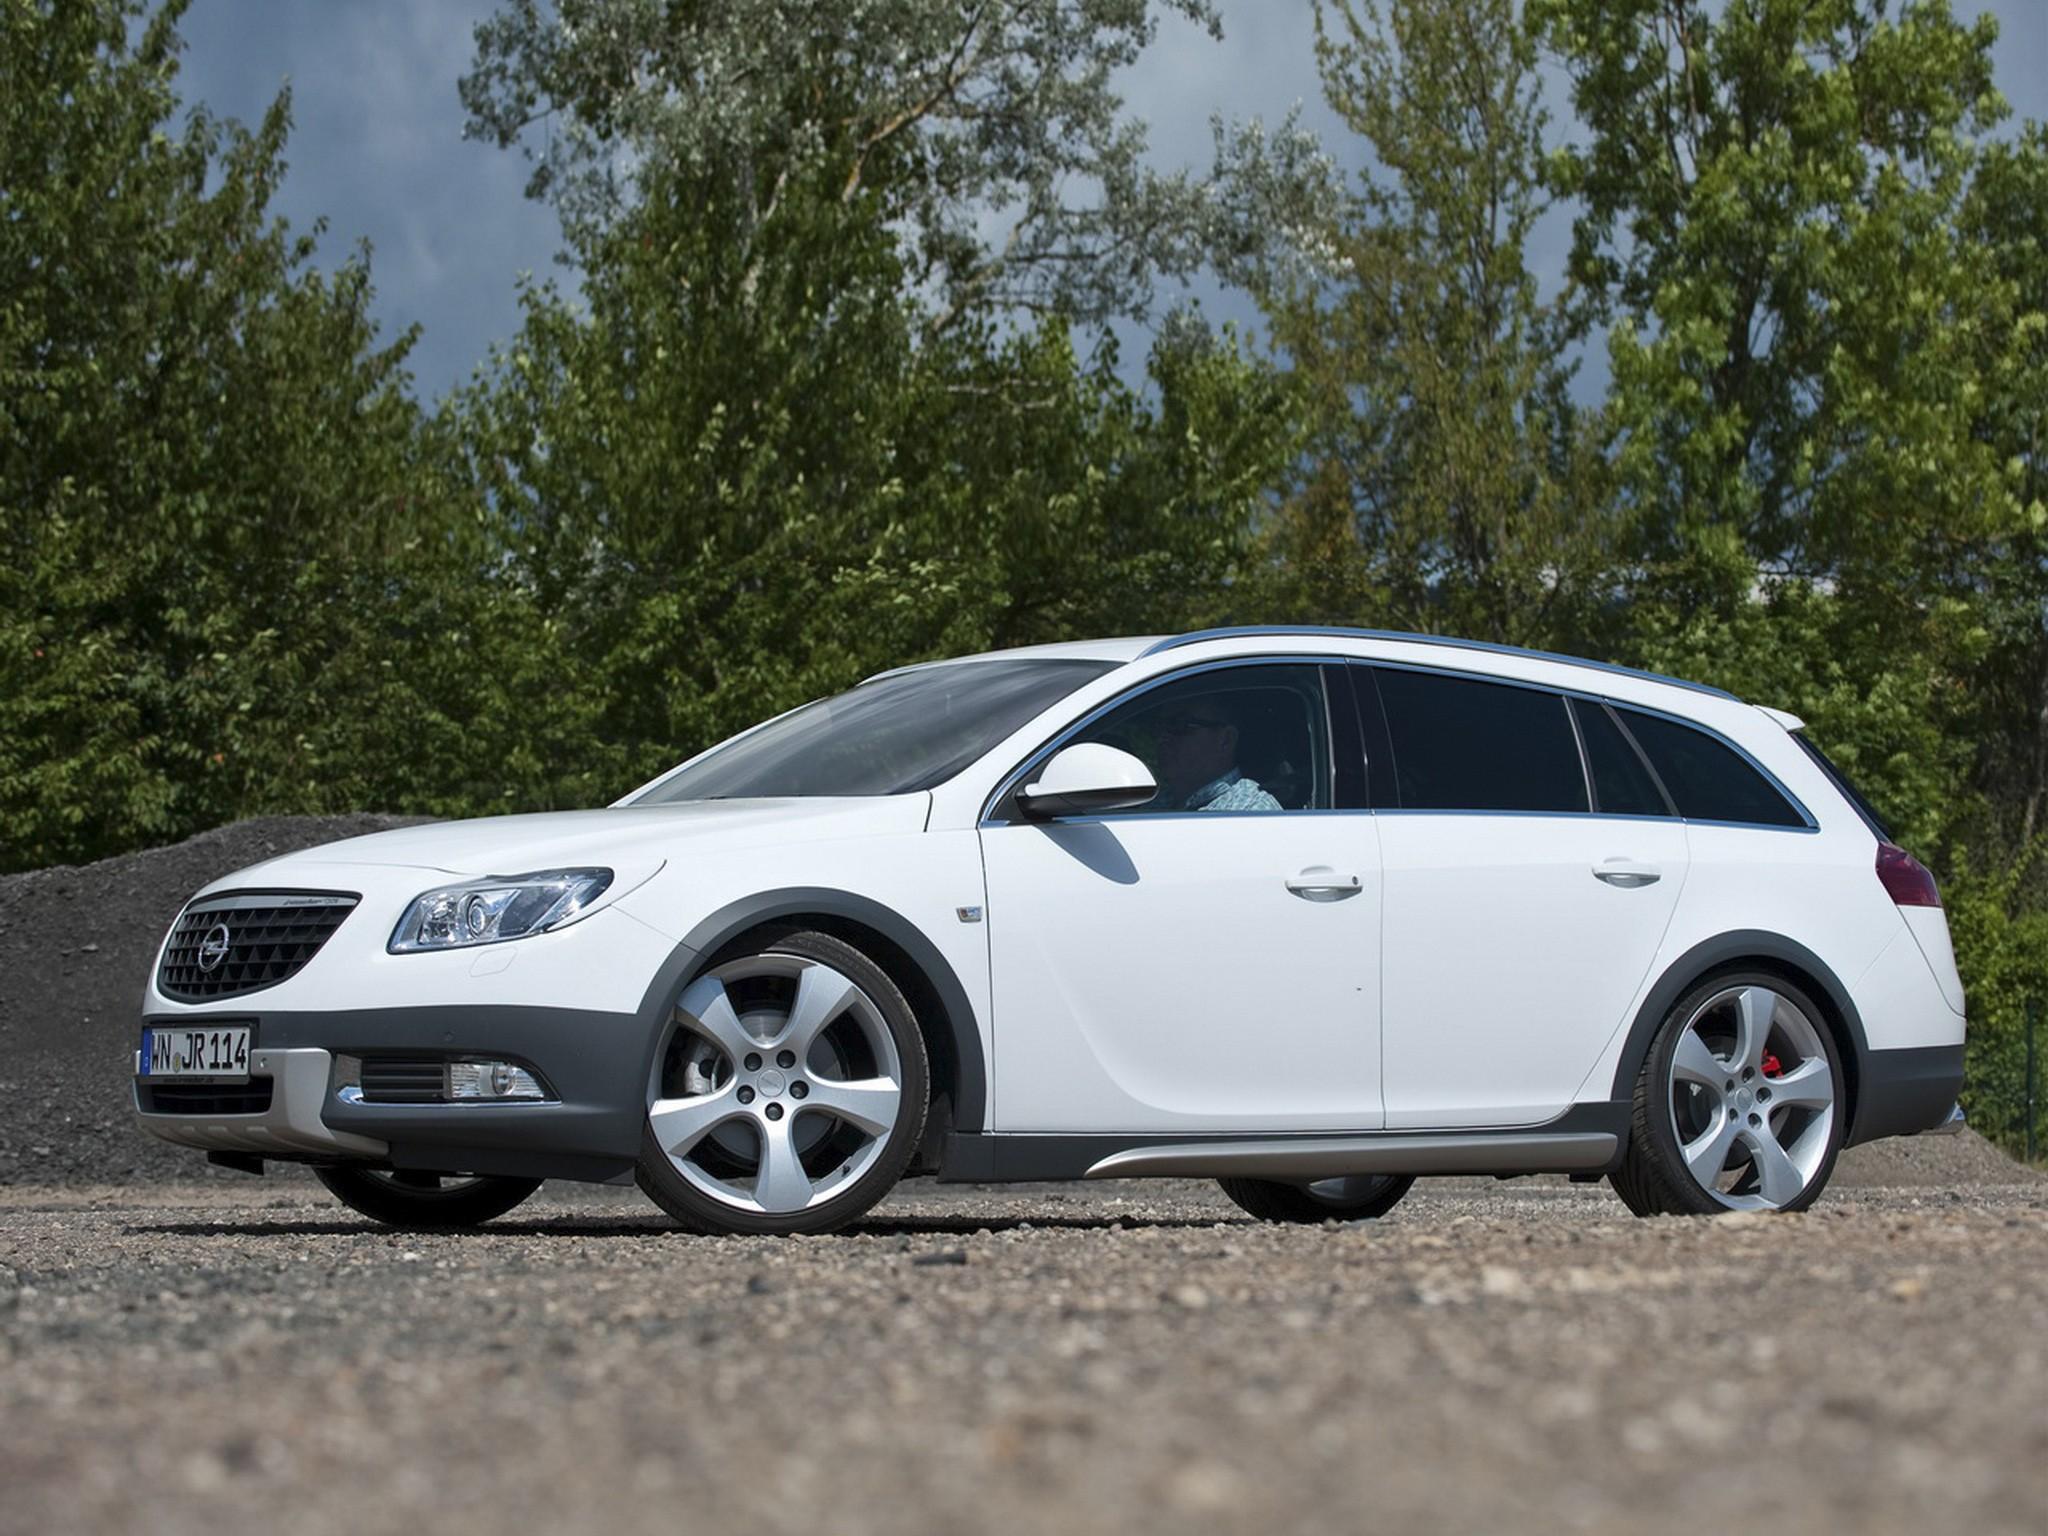 2012 Irmscher Opel Insignia Cross4